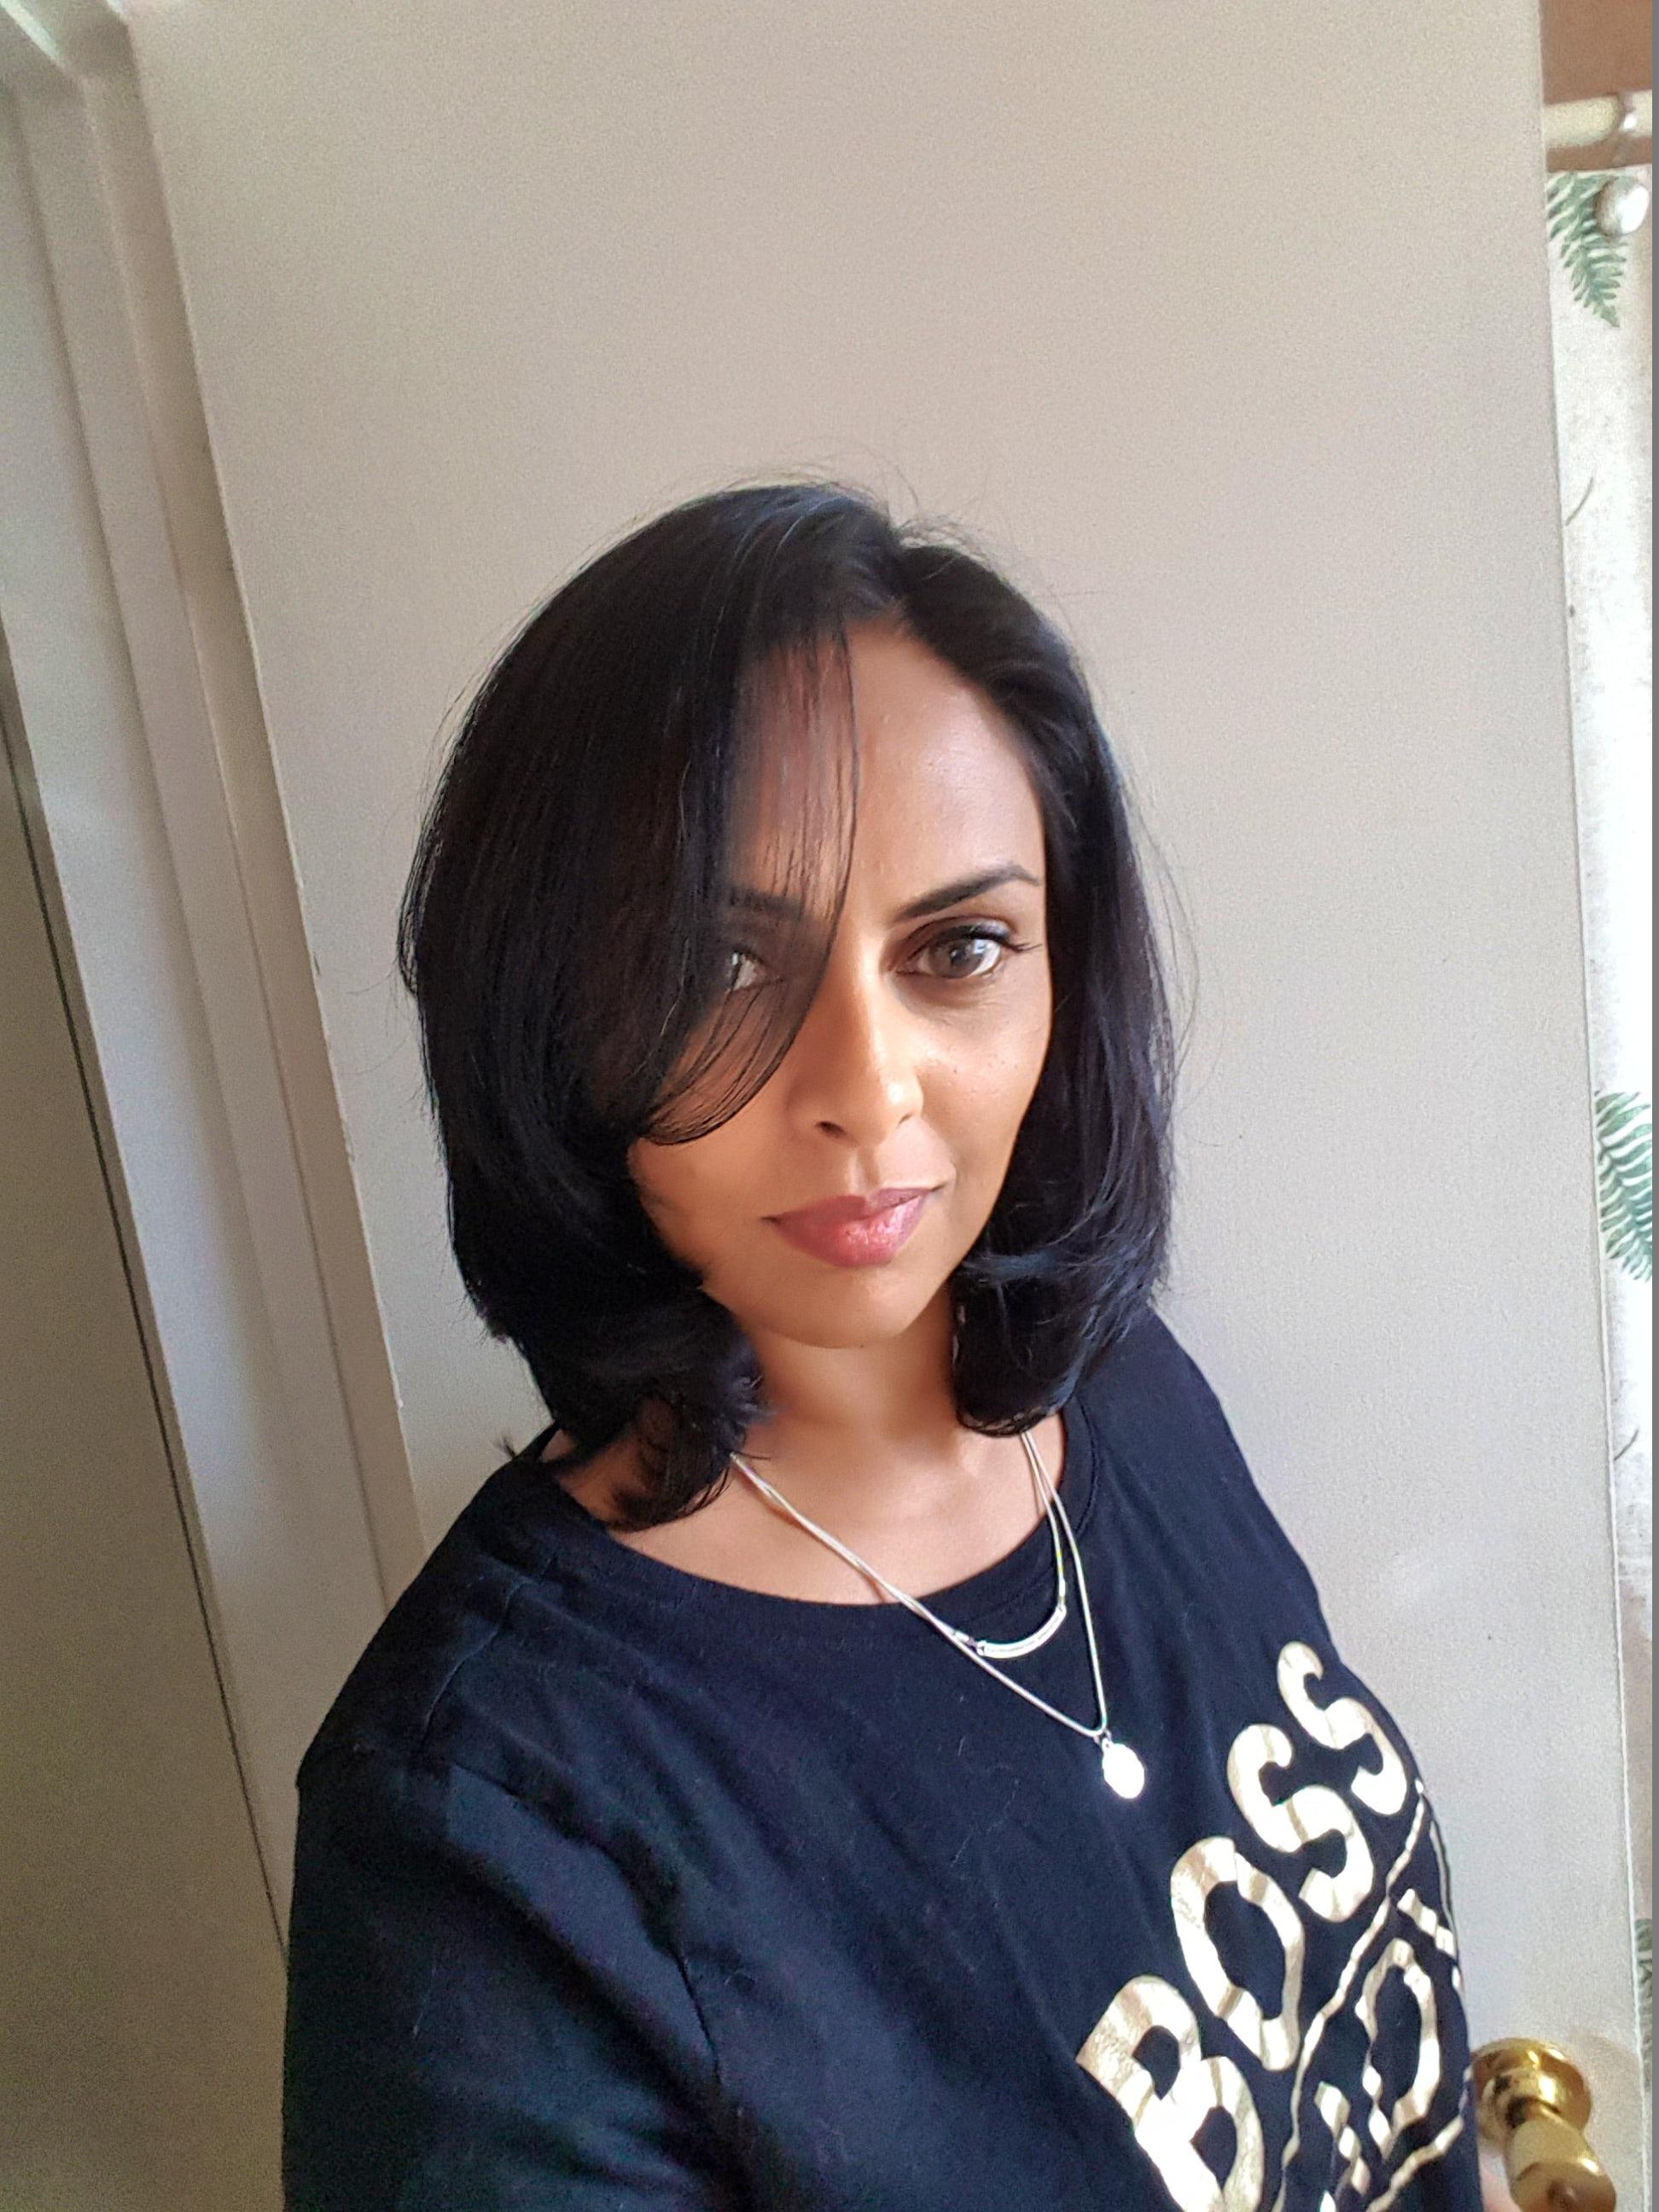 Trisha Parmanand